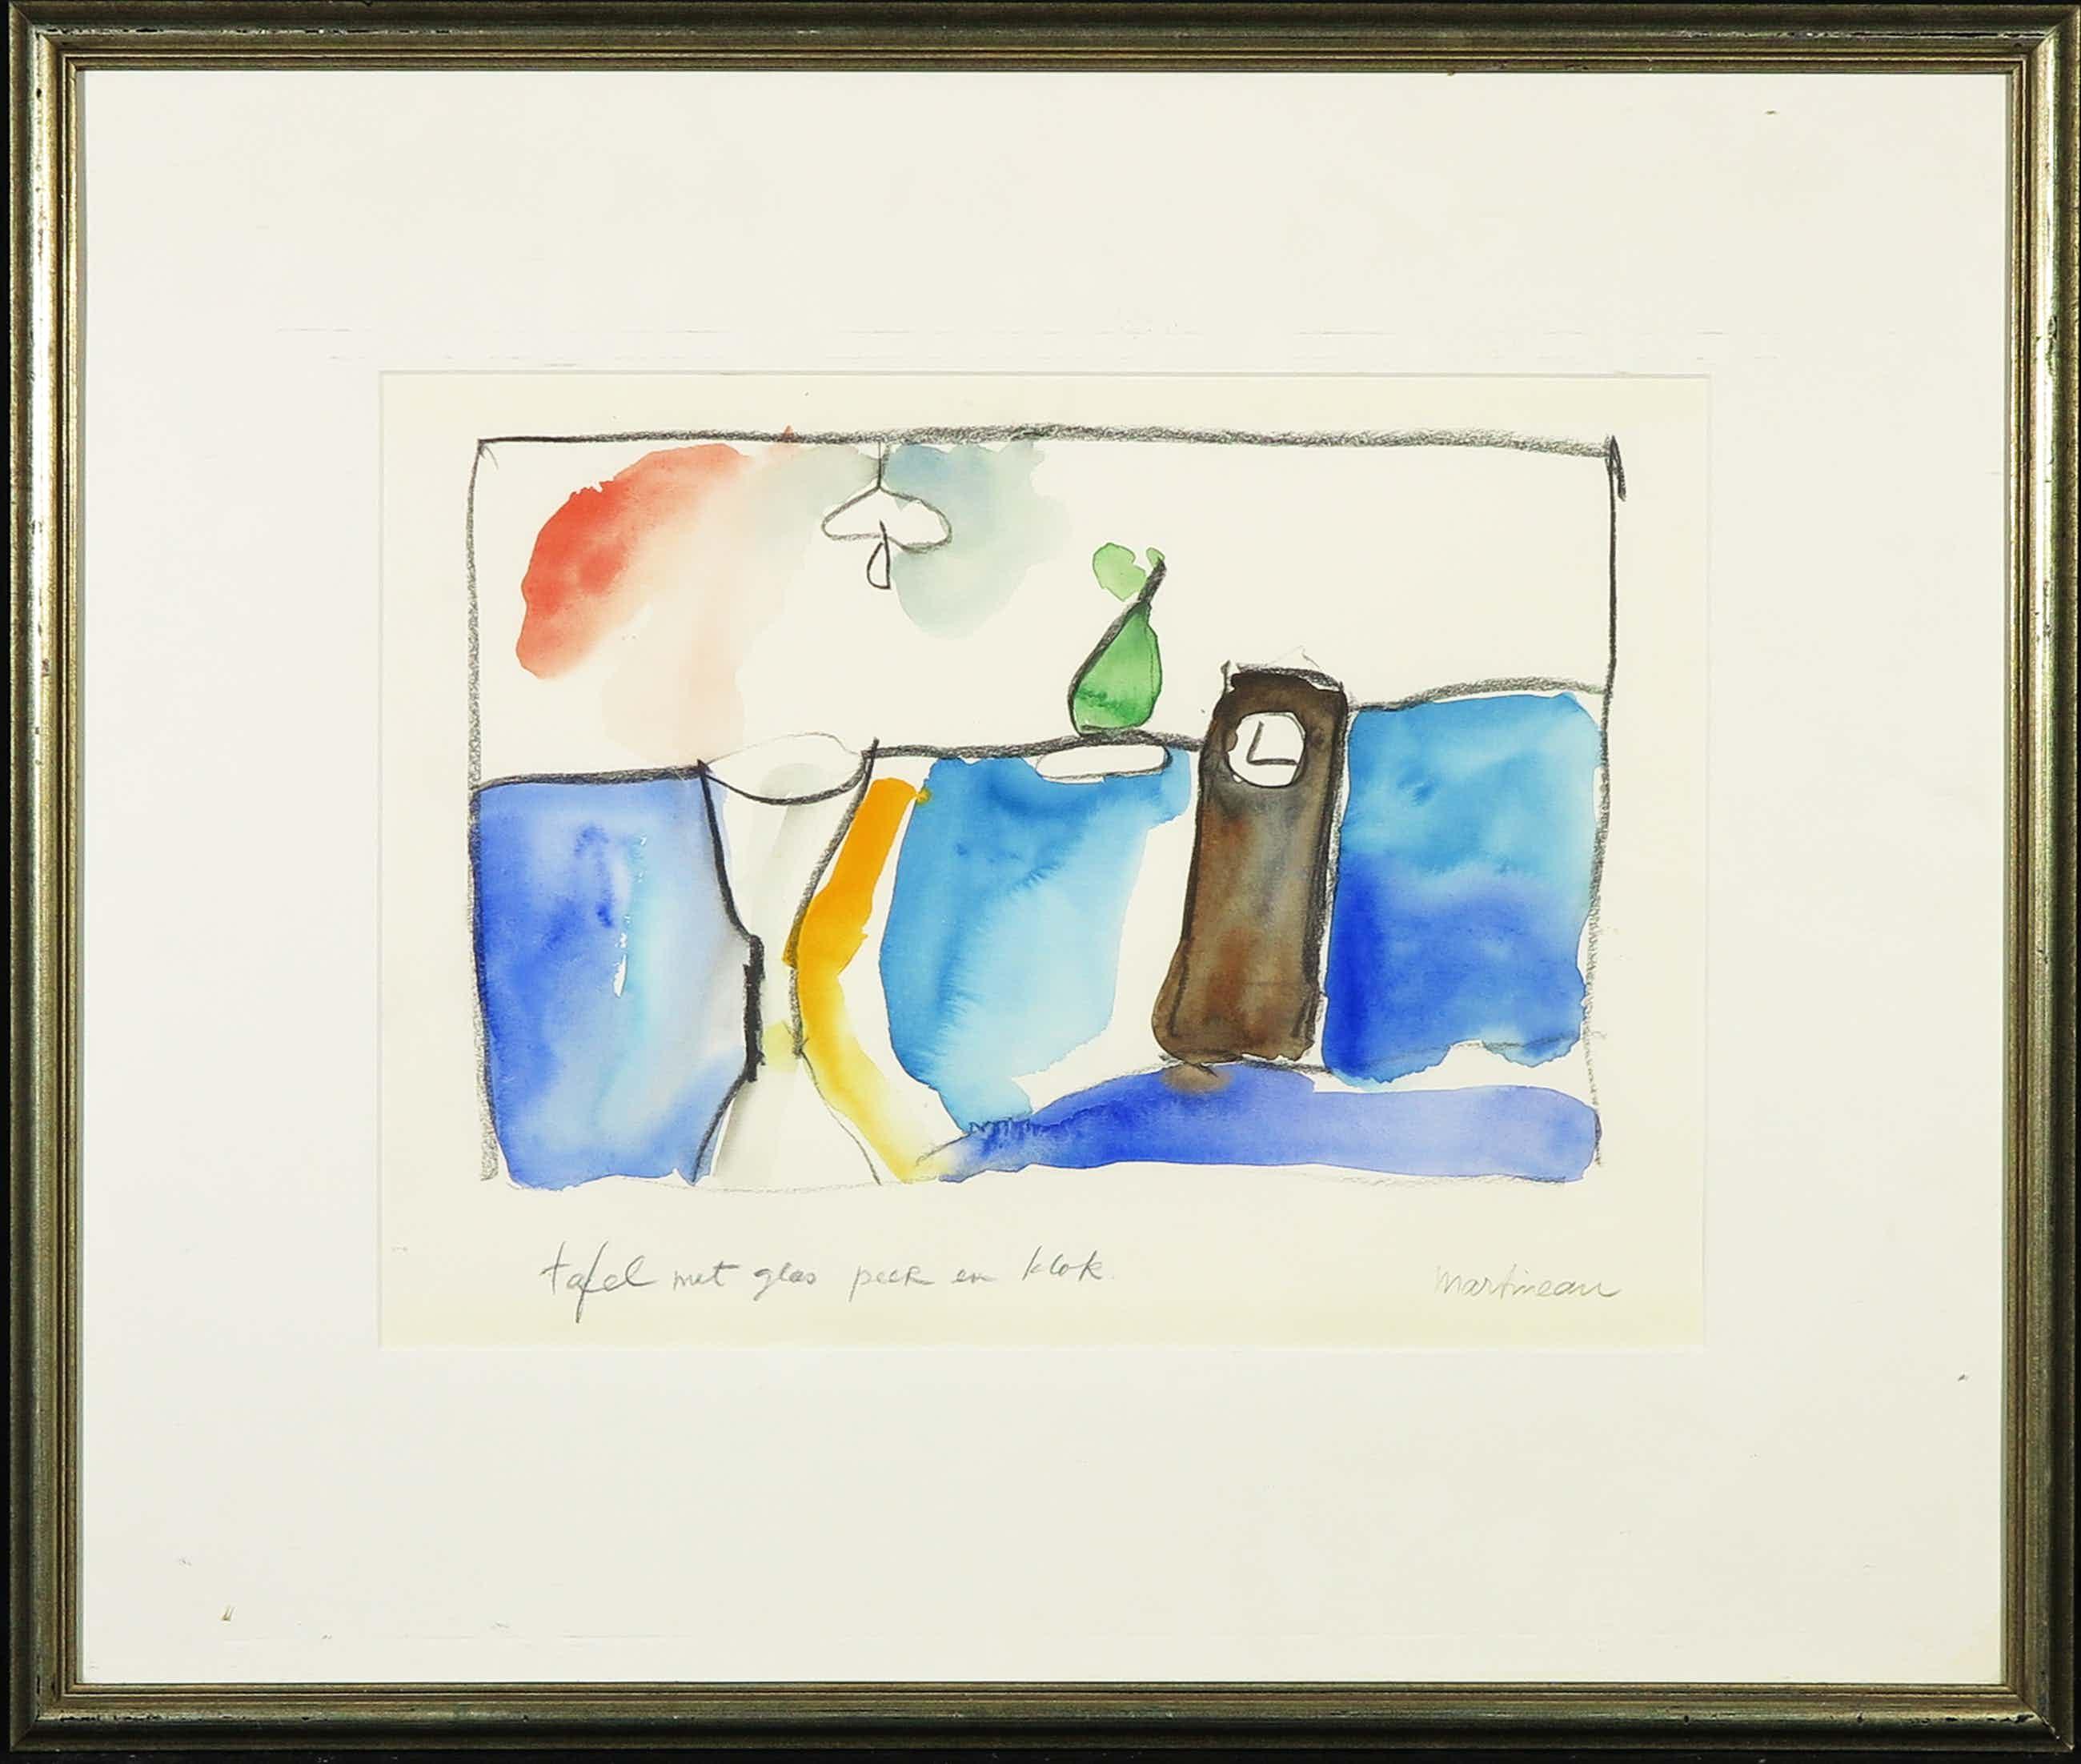 Anton Martineau - Aquarel en houtskool op papier, Tafel met glas peer en klok - Ingelijst kopen? Bied vanaf 75!